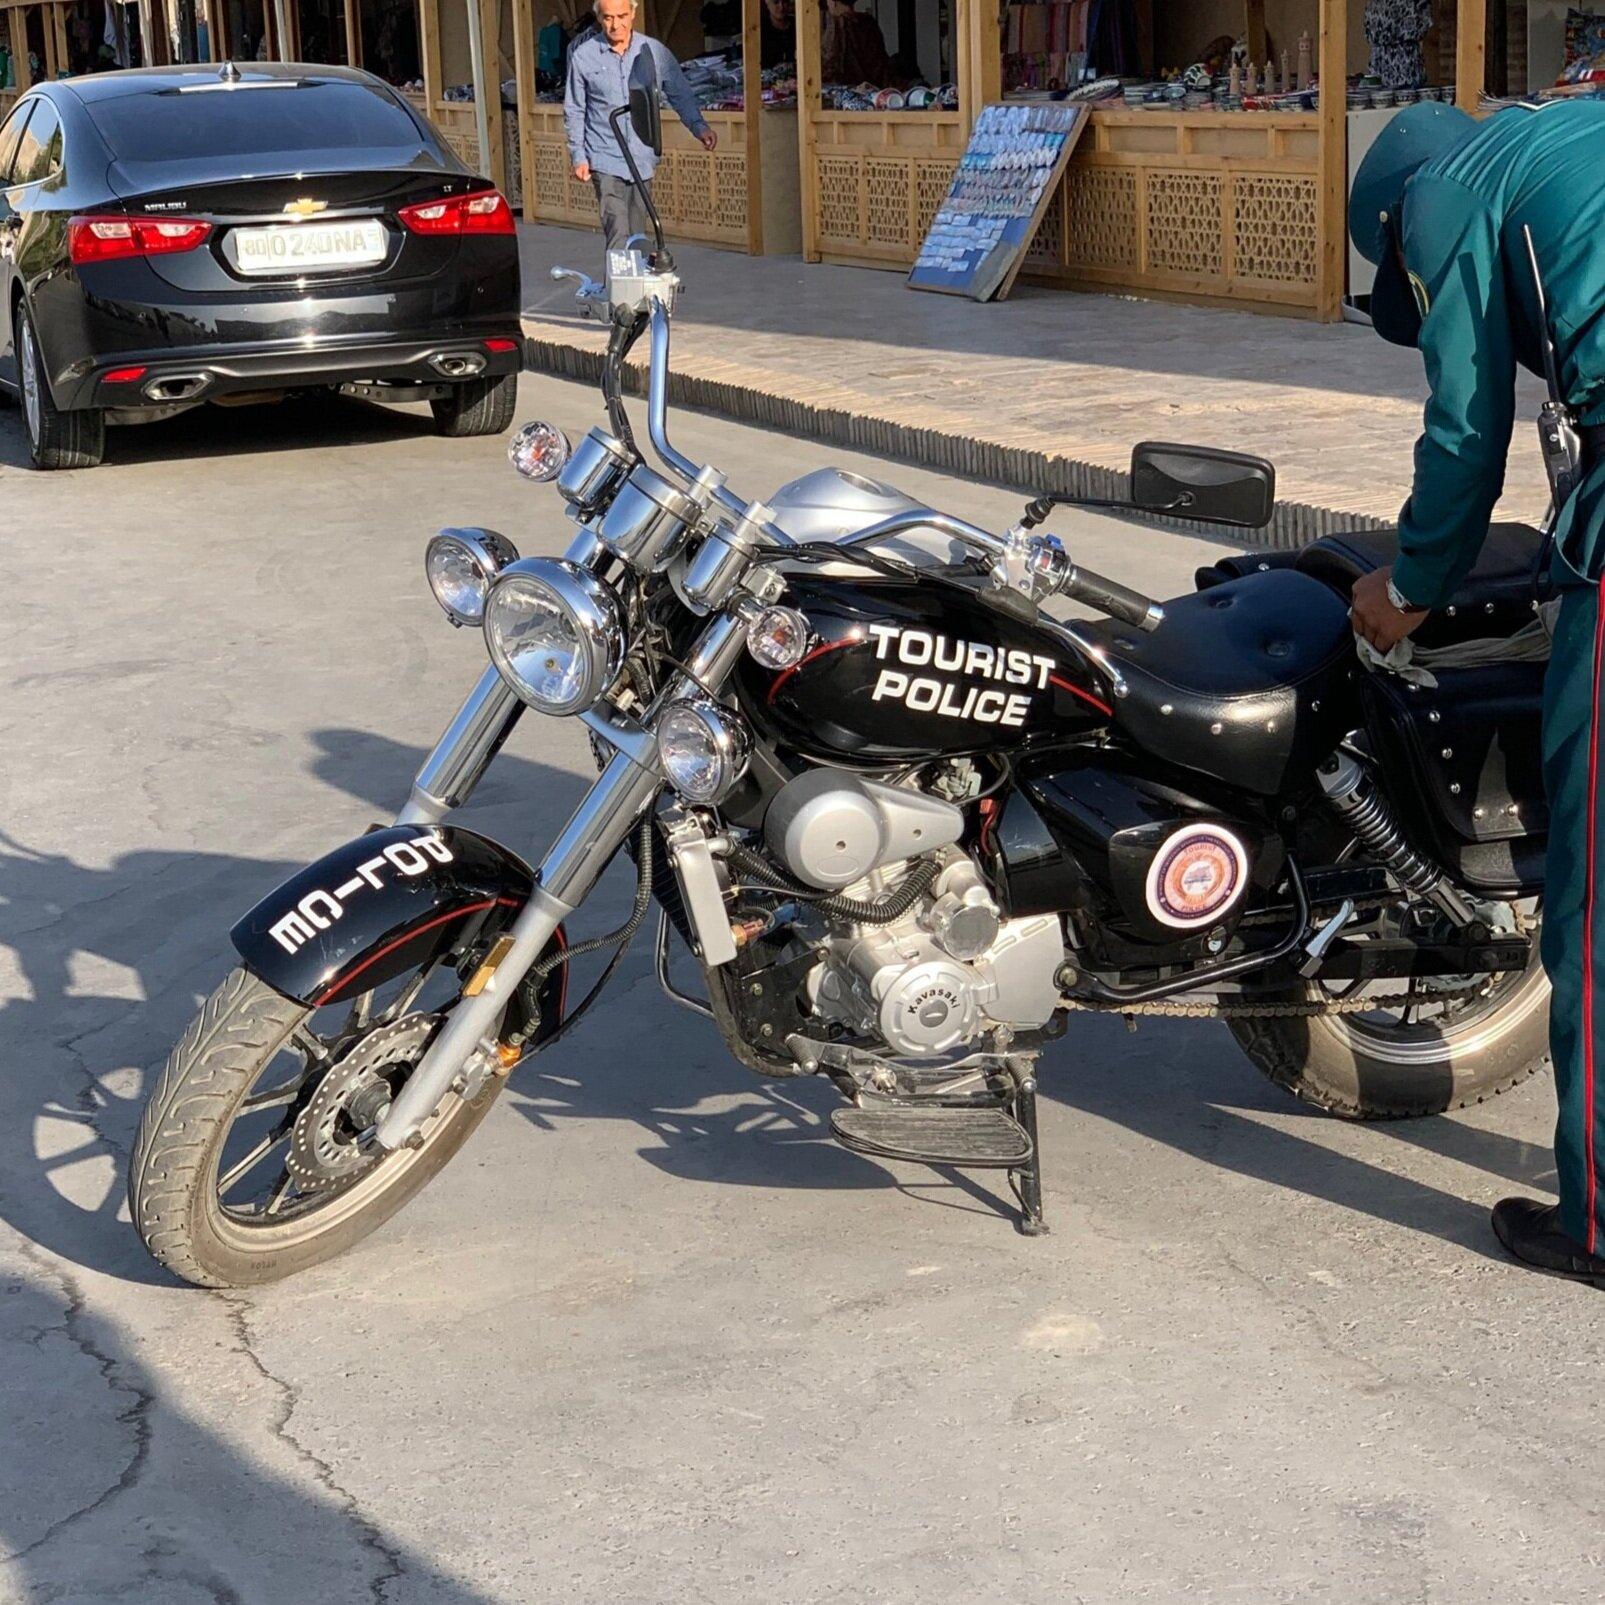 الشرطة السياحية - منتشرة بشكل واضح على الدراجات النارية